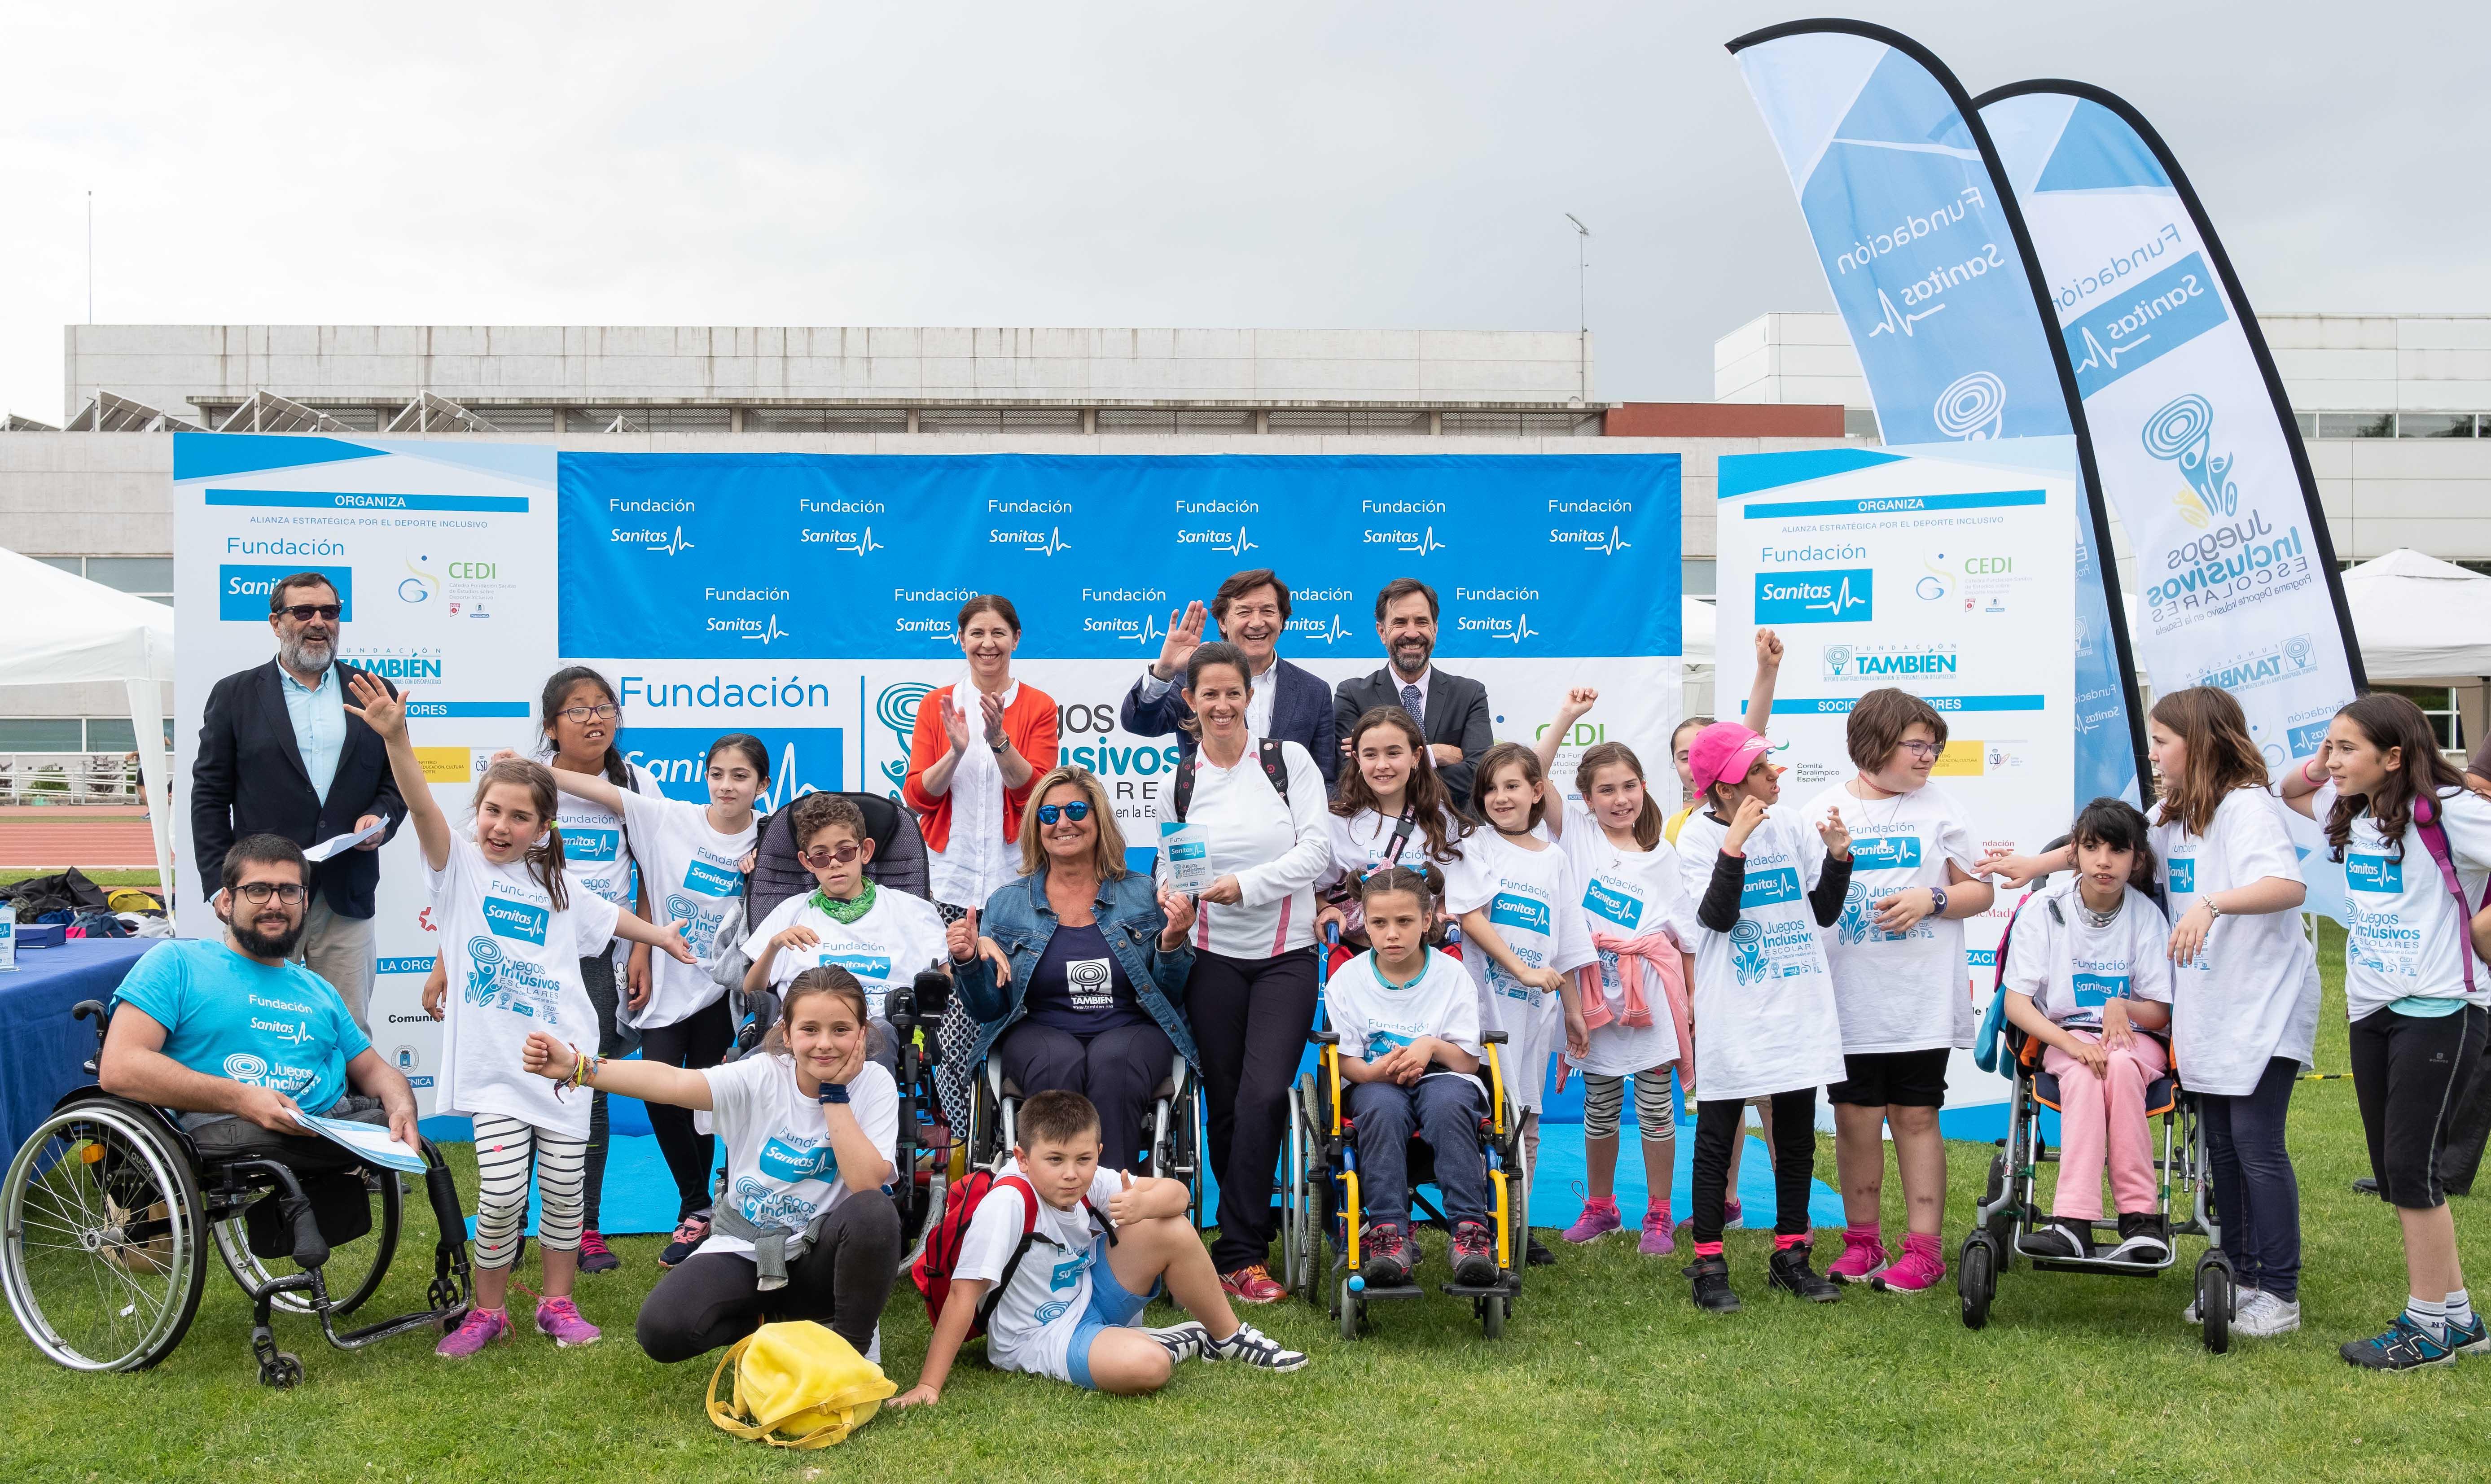 Juegos inclusivos escolares-Fundación Sanitas